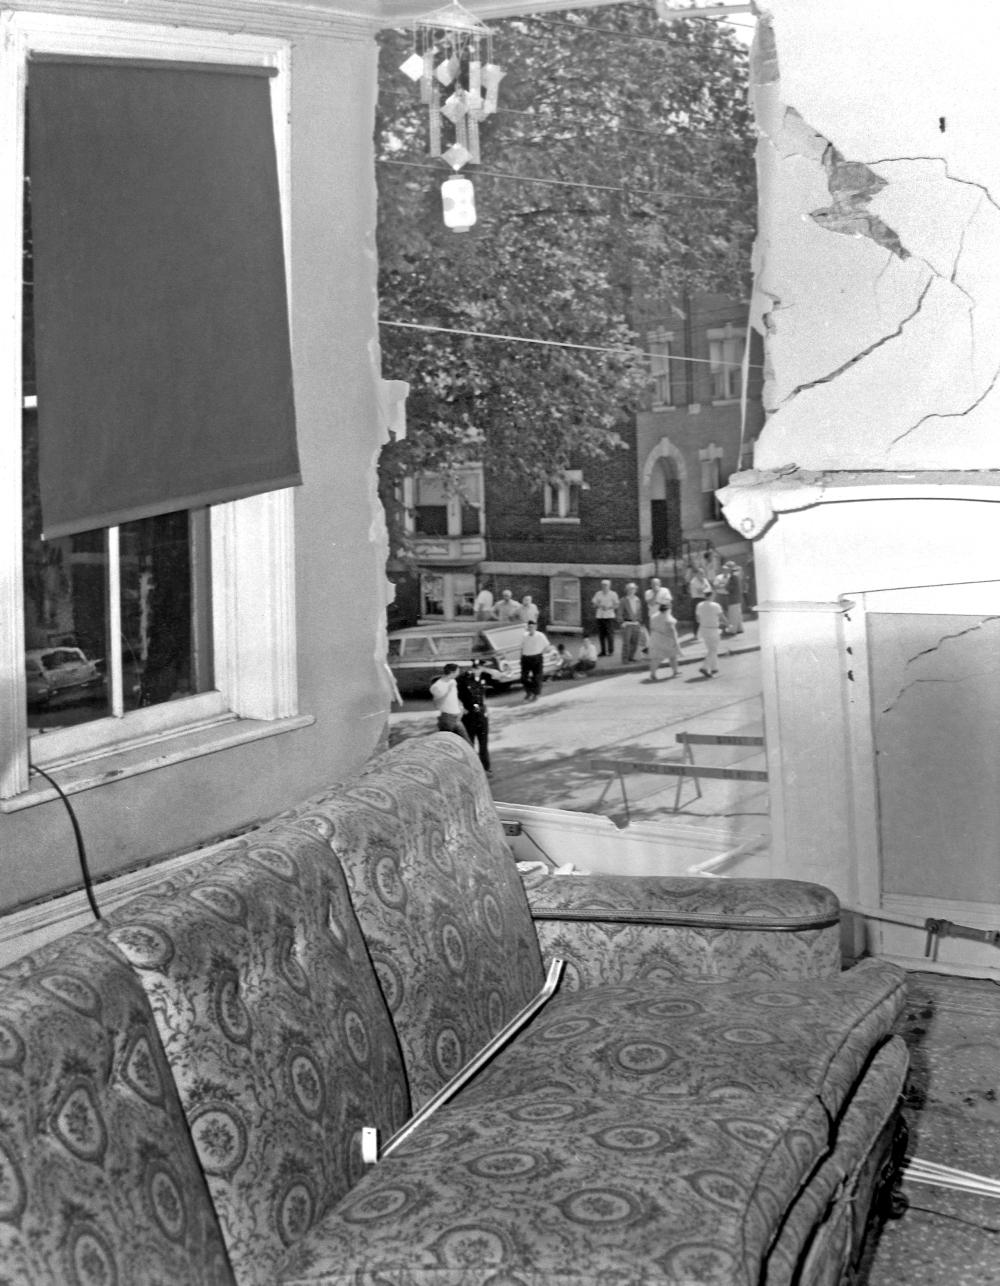 228 Hamilton, July 13, 1962. NYSA.